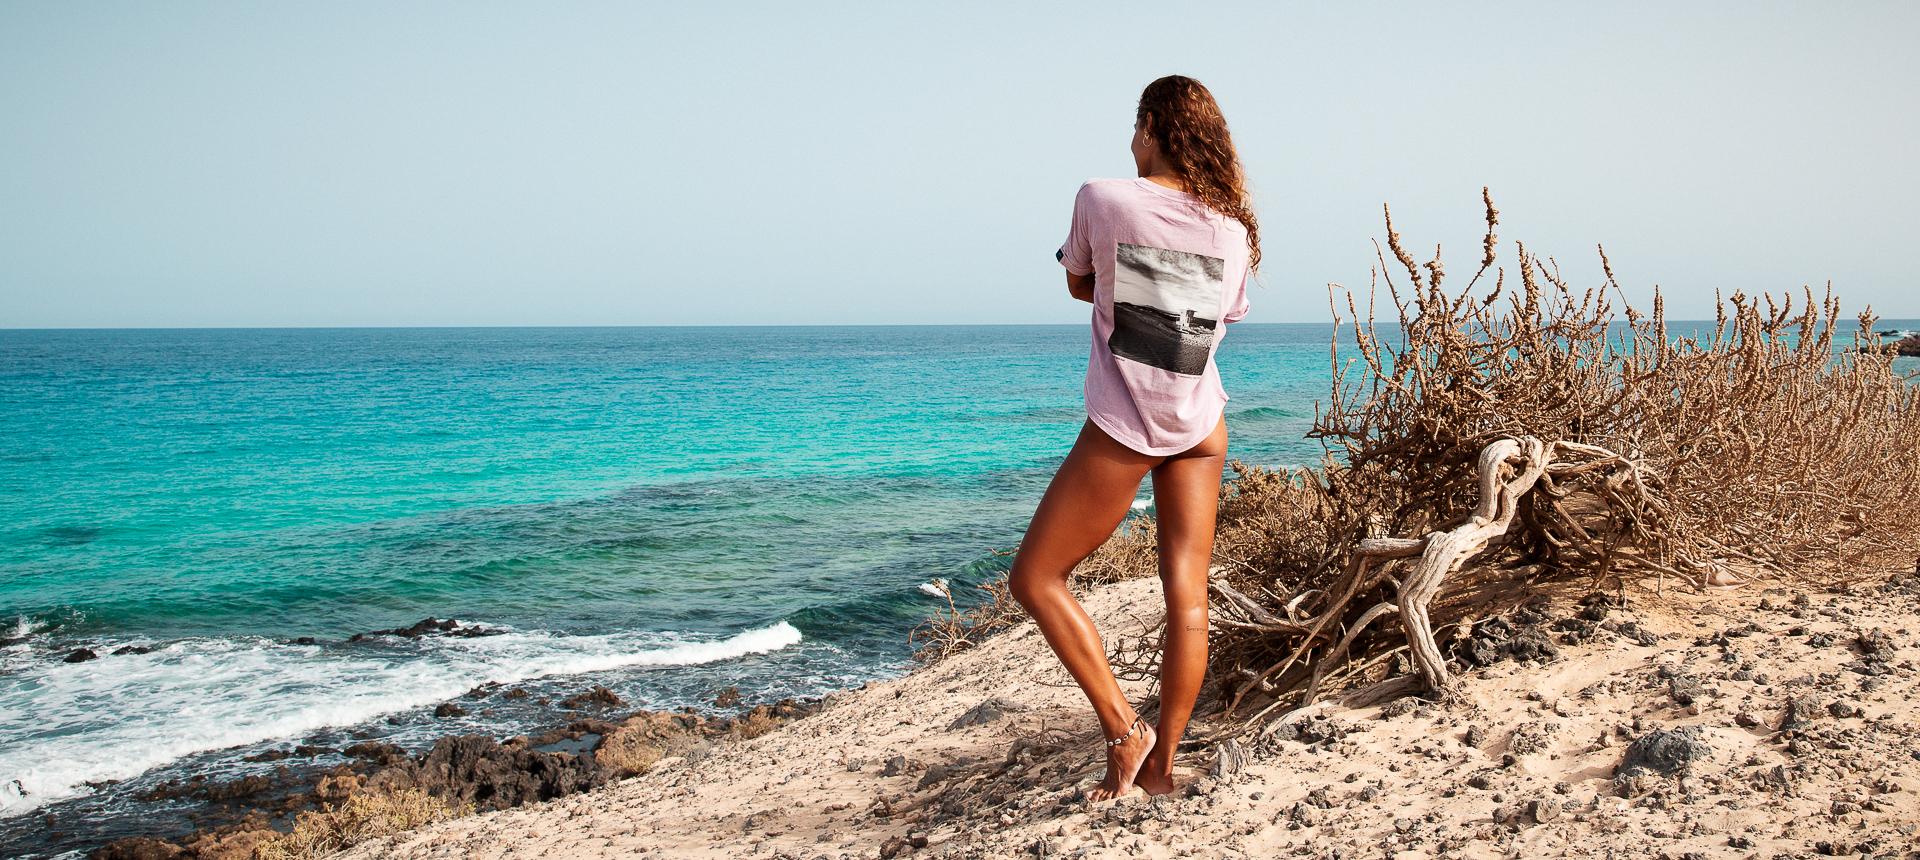 Surfové bio tričko SURF DREAM Burro Fuerteventura